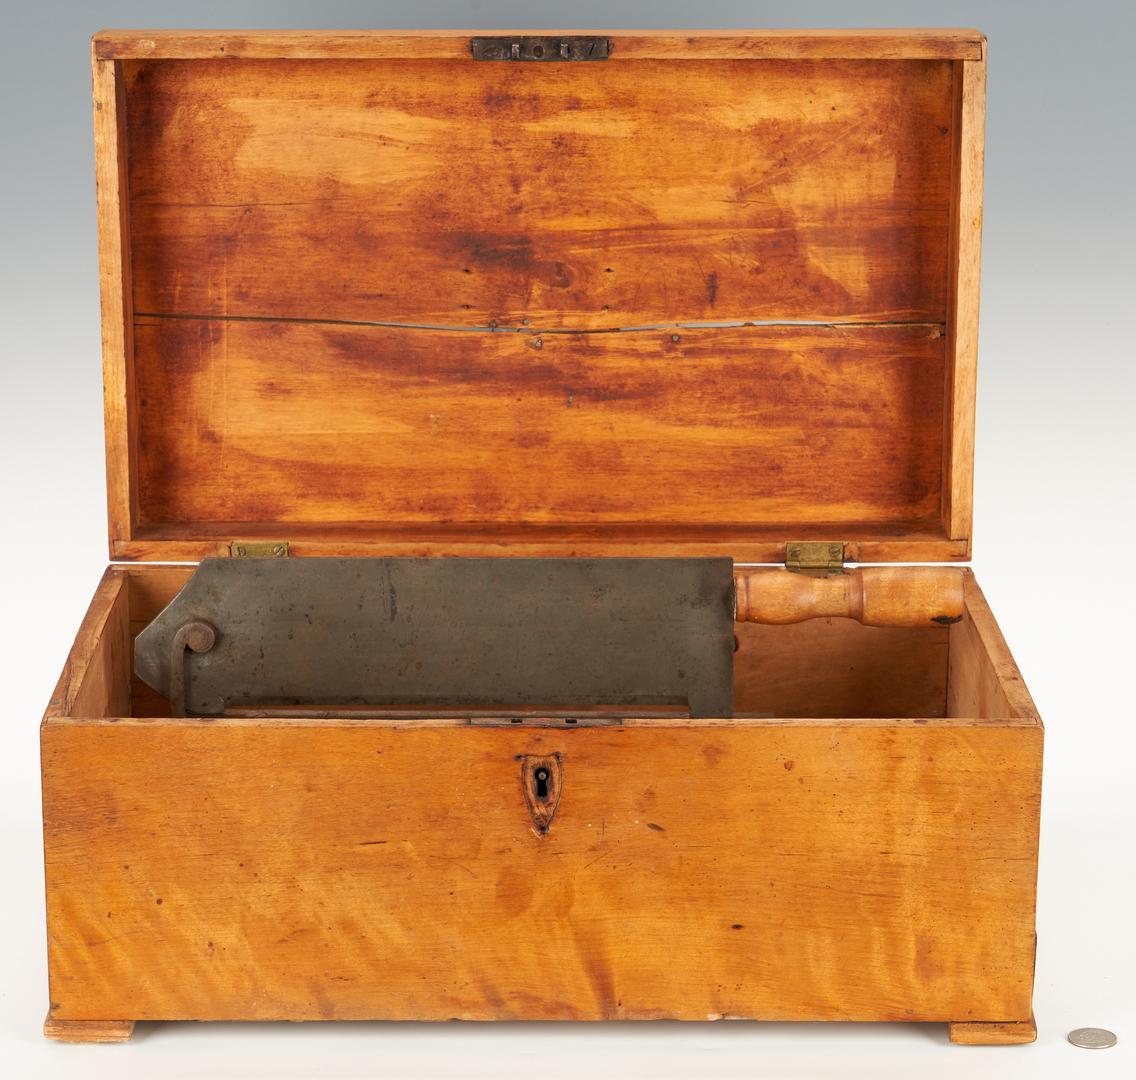 Lot 351: Maple Sugar Box & Small Hinged Box